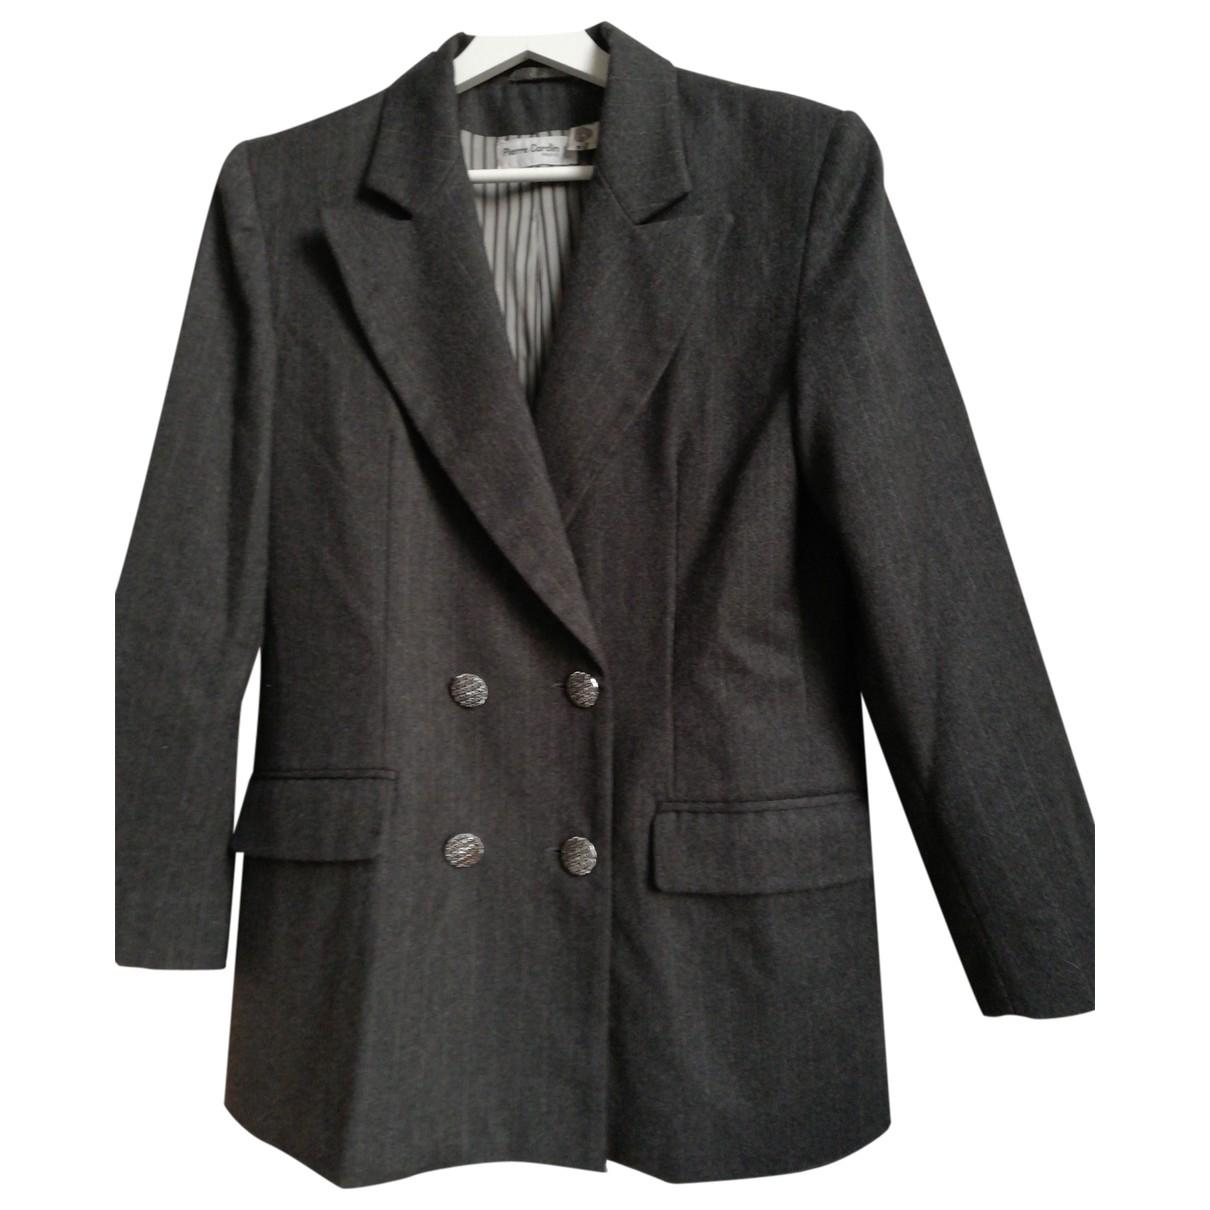 Pierre Cardin \N Jacke in  Grau Wolle